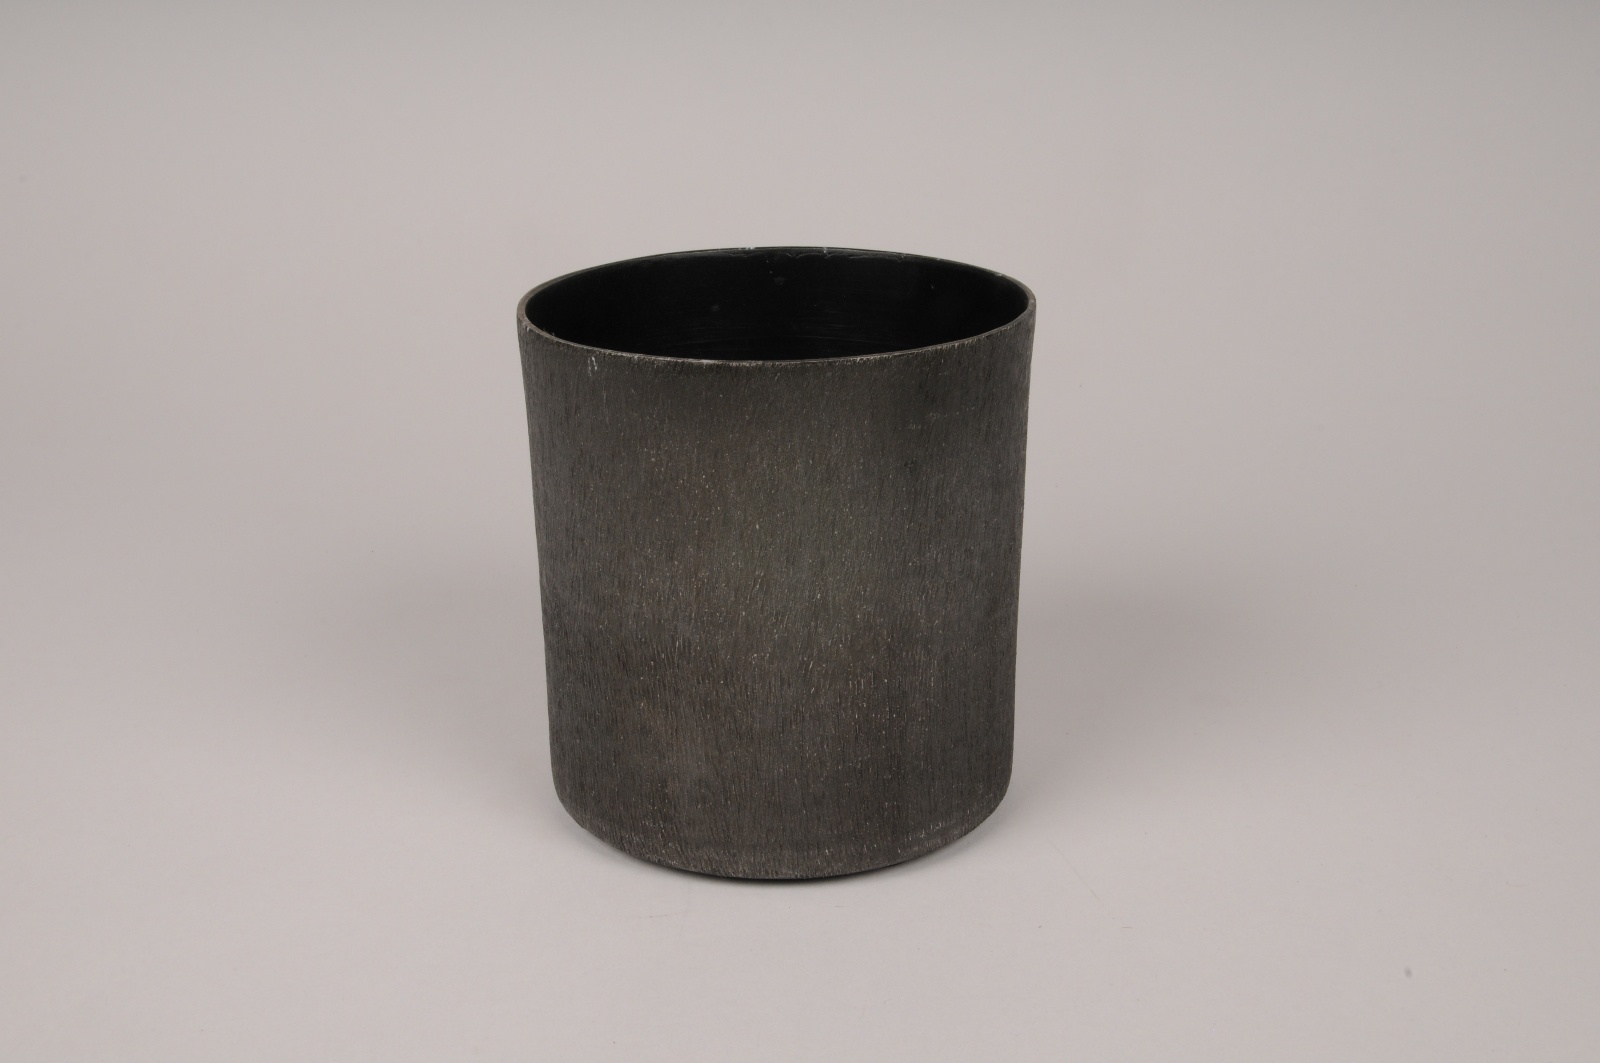 A041E5 Cache-pot en métal gris anthracite D9cm H8cm